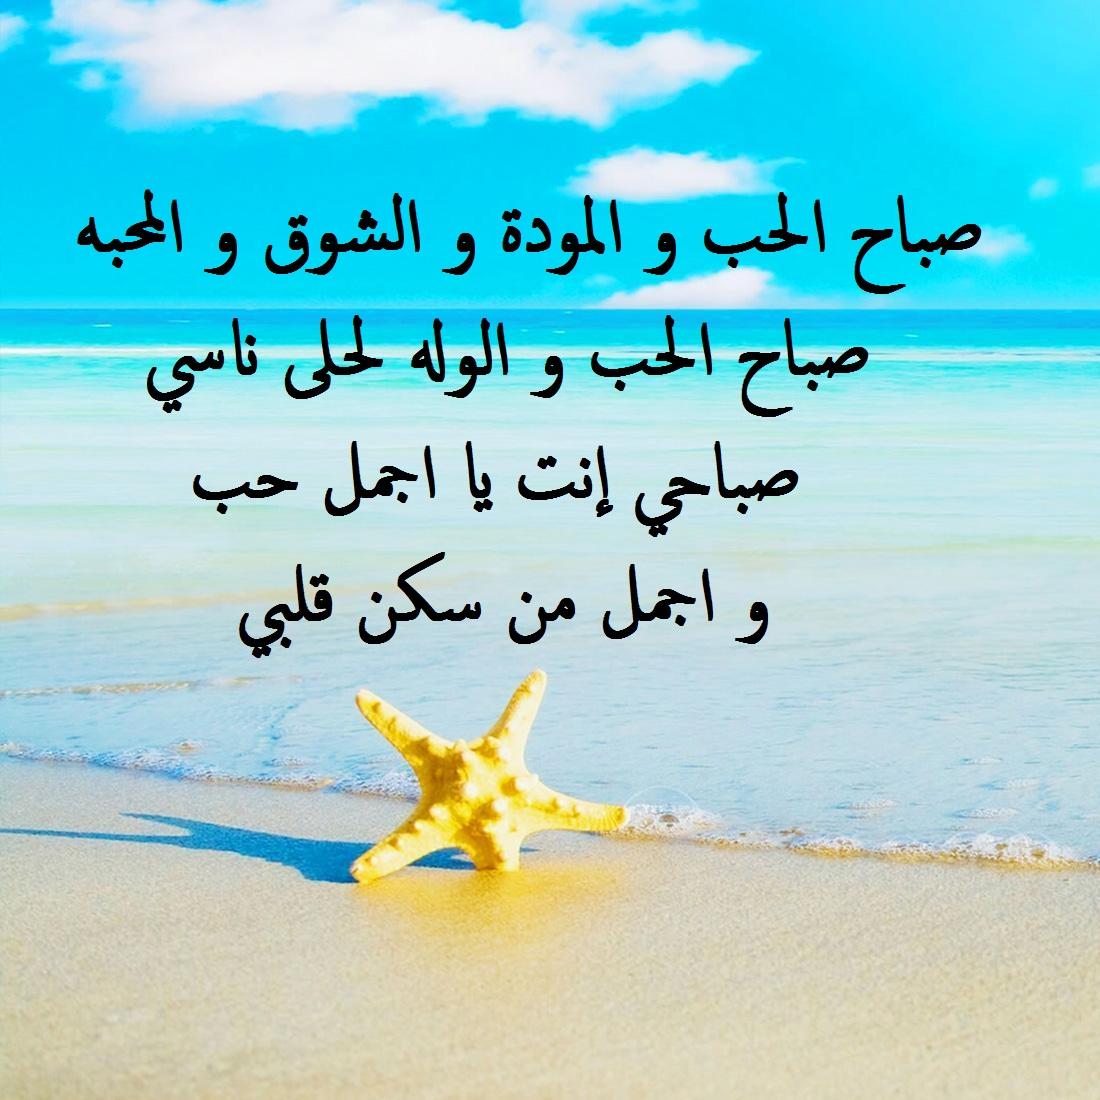 خلفية بحر و نجمة البحر على الرمال و مكتوب كلمات صباحية للحبيبة.